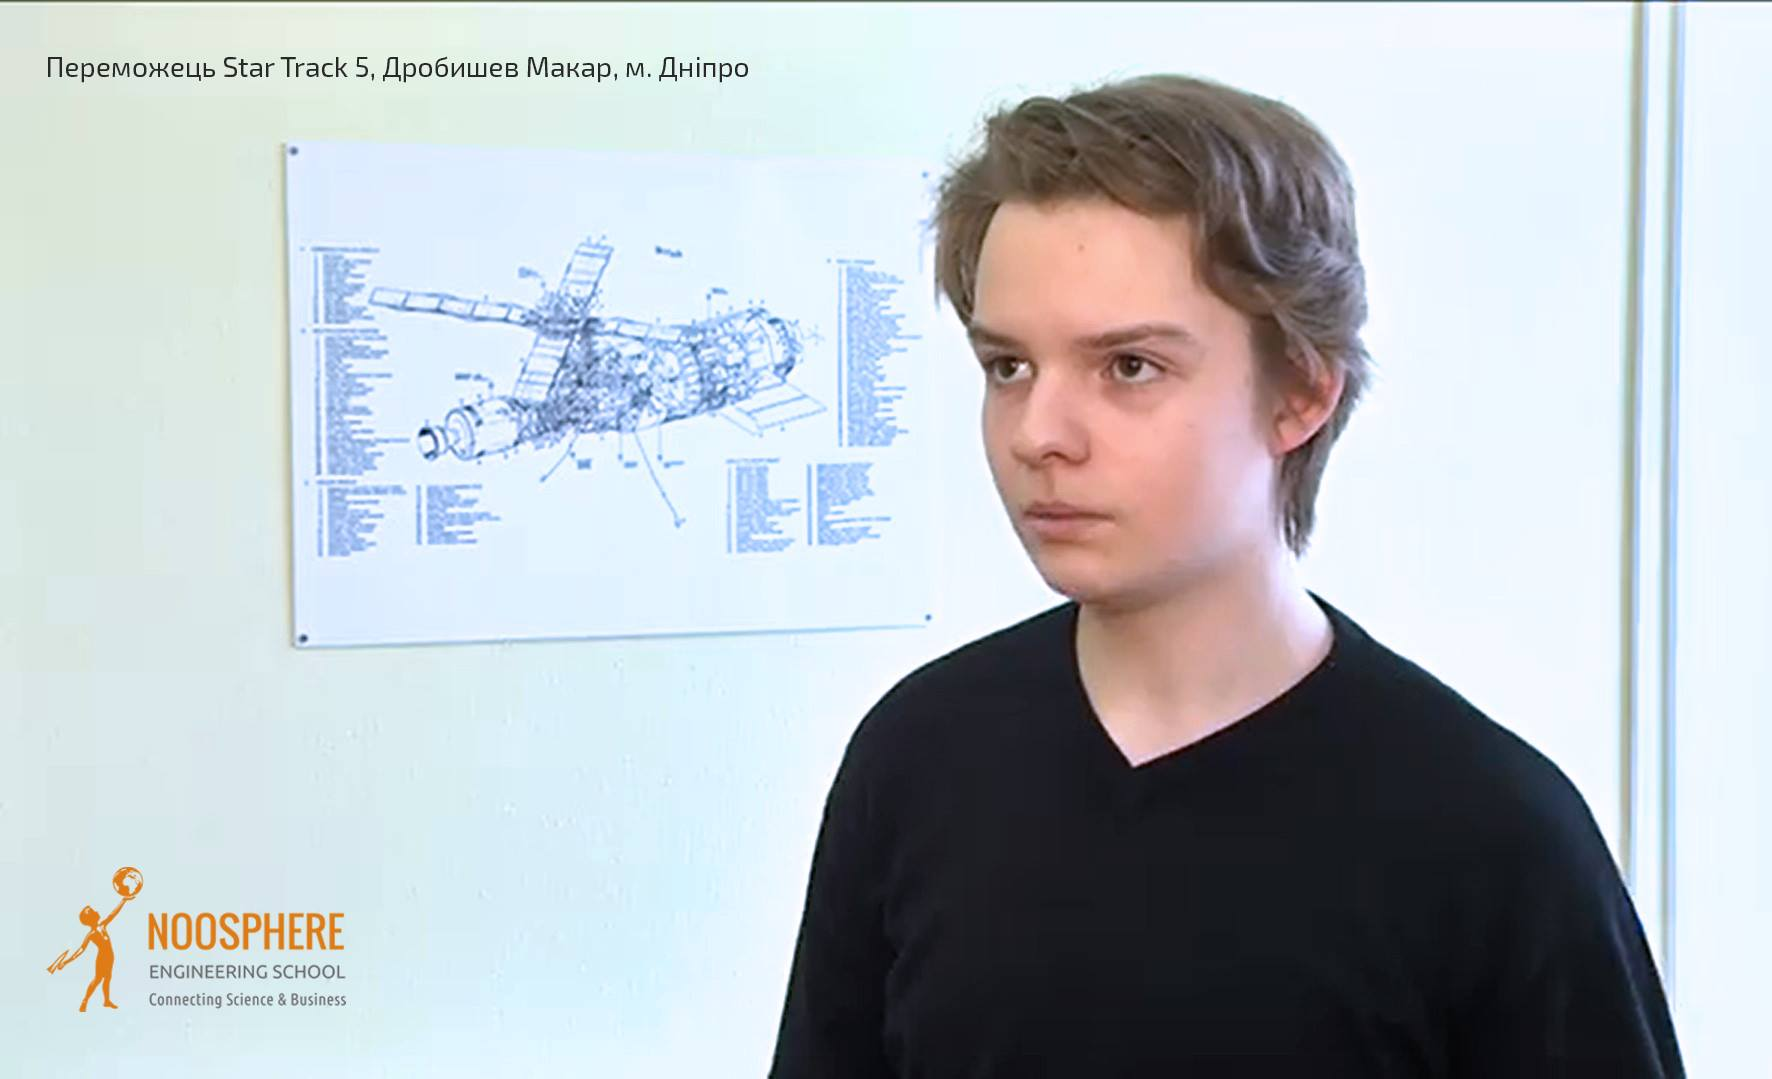 Школьник из Днепра создал ракетный двигатель и заработал на этом деньги